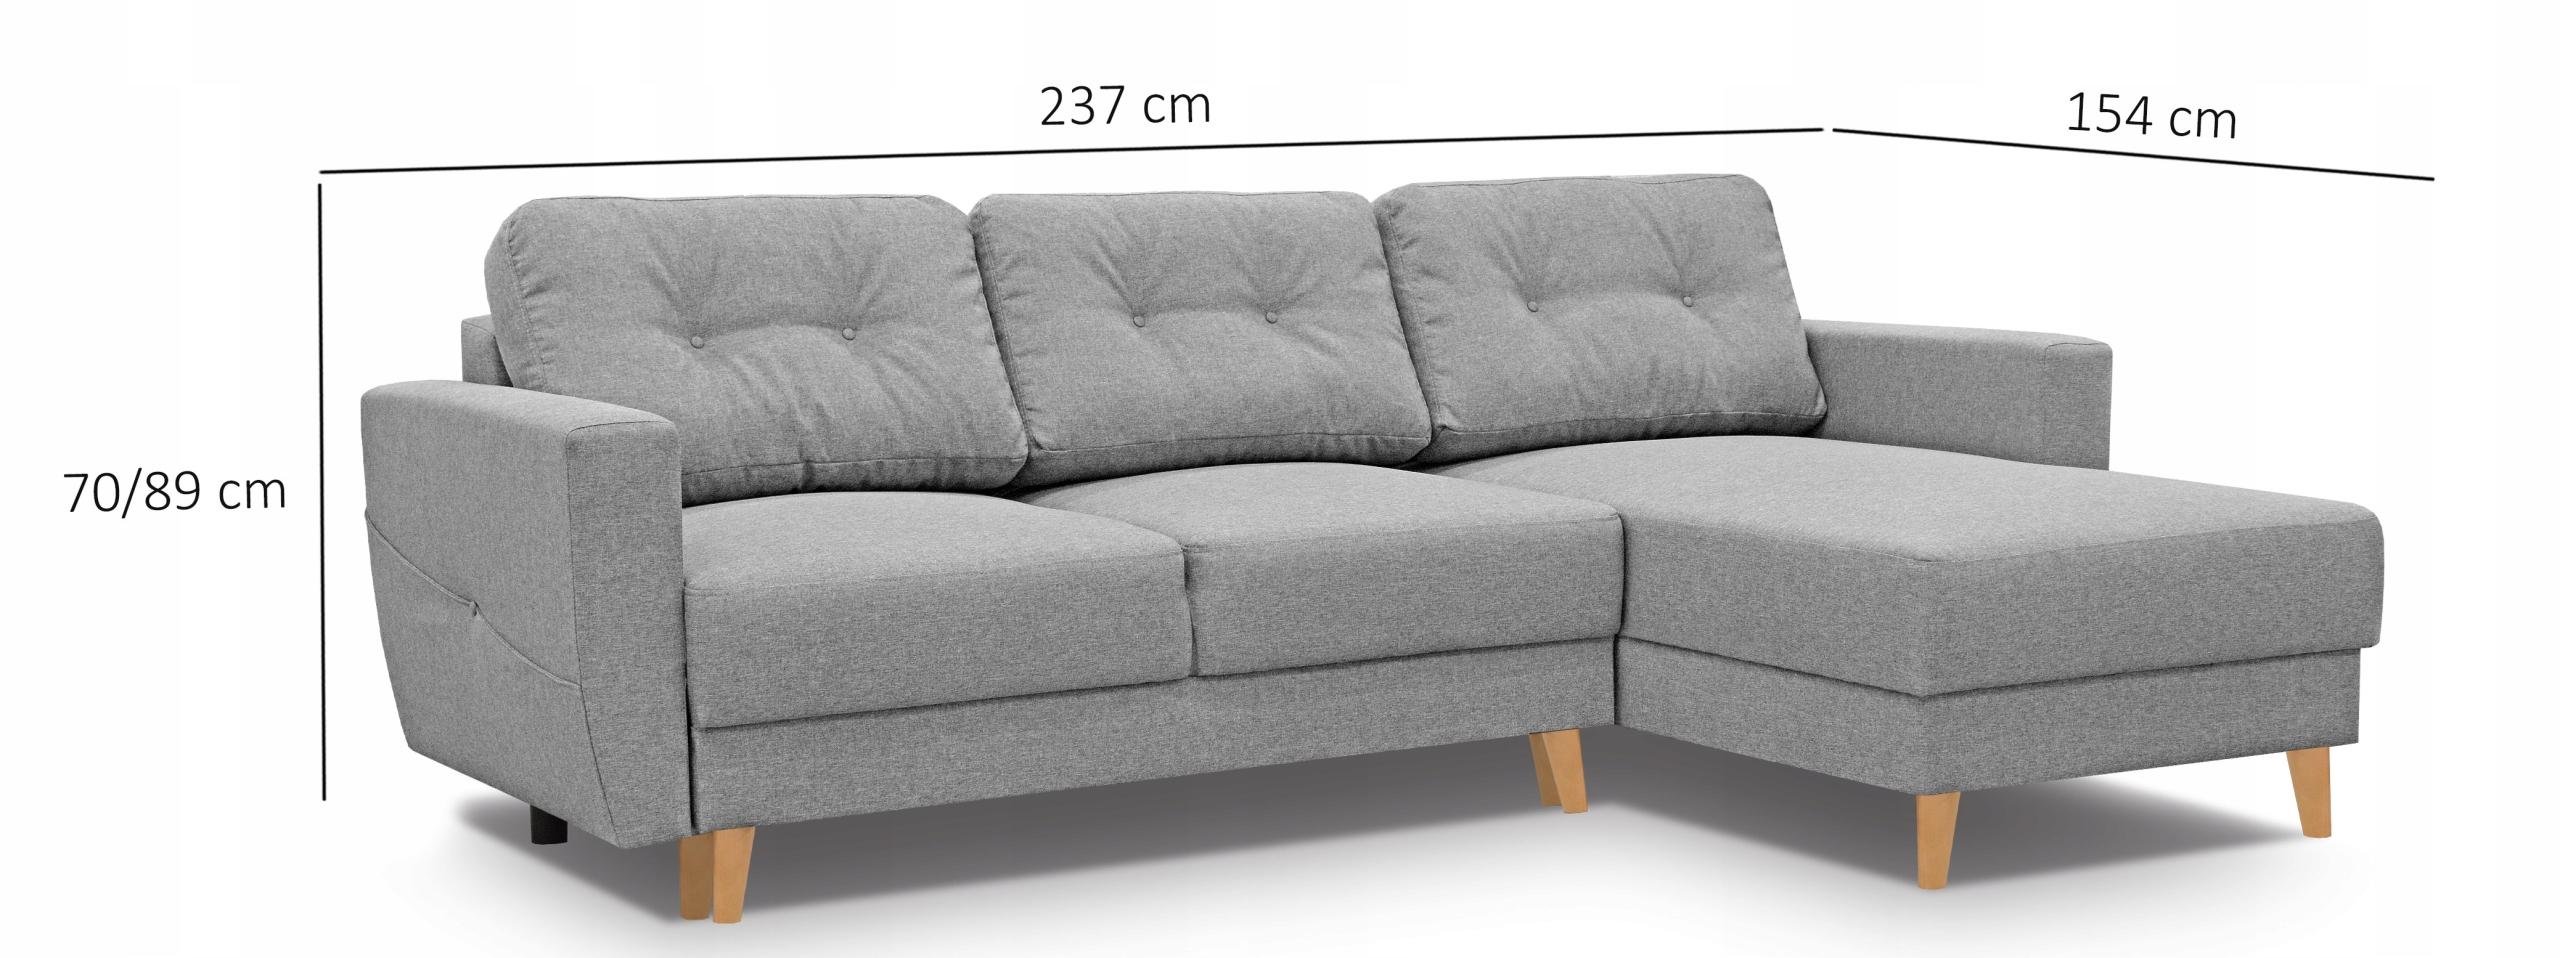 Superkomfortowy narożnik Fray, tkanina Monolith72 Szerokość mebla 237 cm